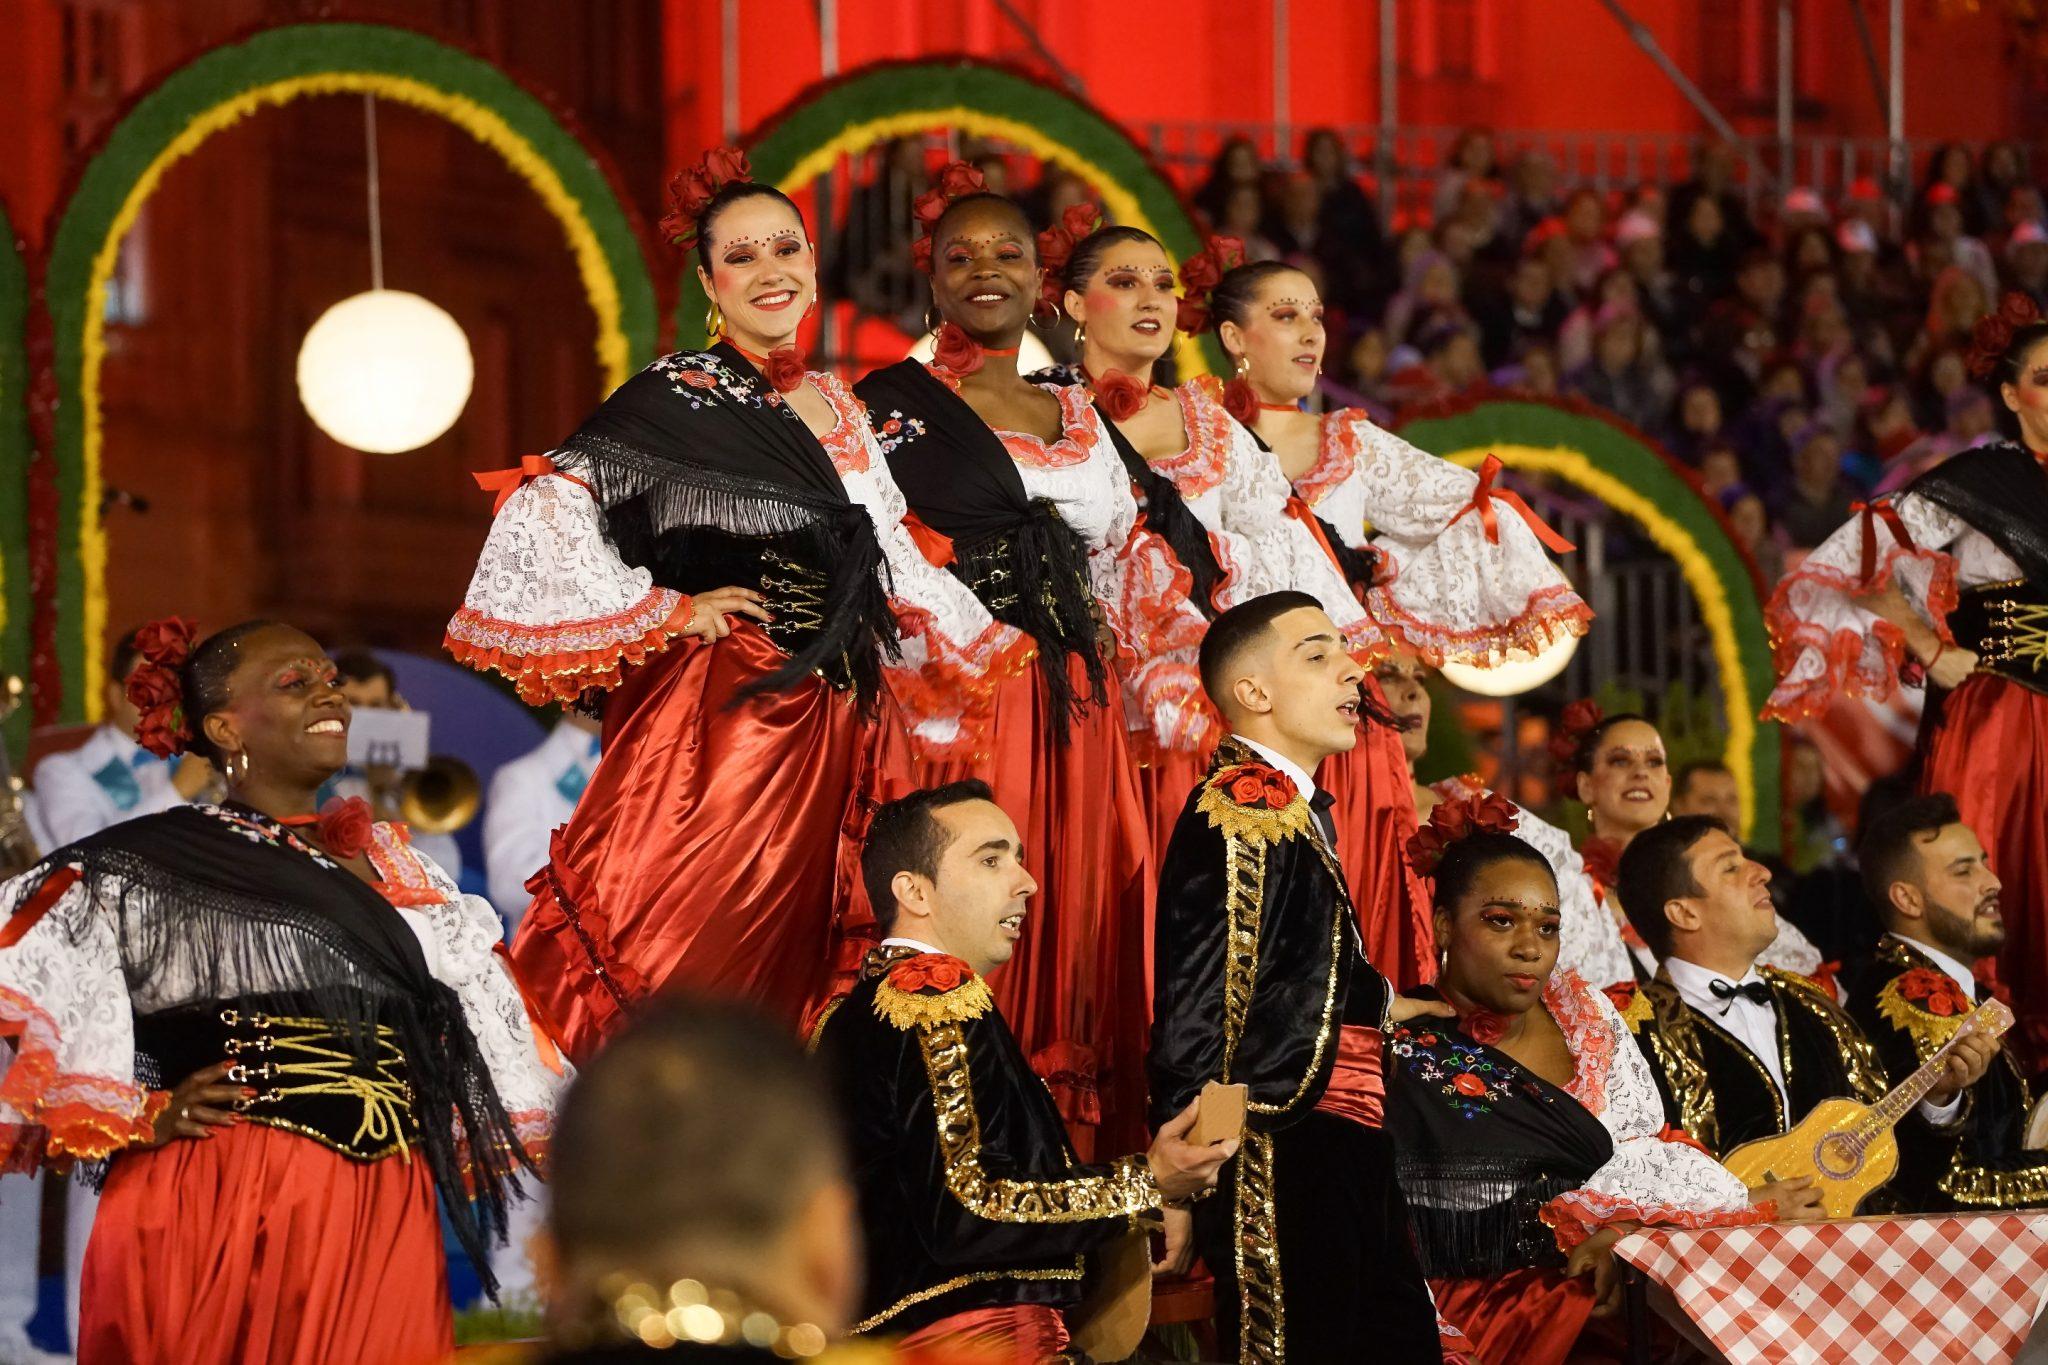 Quatro mulheres num plano elevado, de saia vermelha, blusa aos folhos branca e um xaile preto, sorriem para a frente do observador. Em seu redor, um grupo de marchantes homens e mulheres.